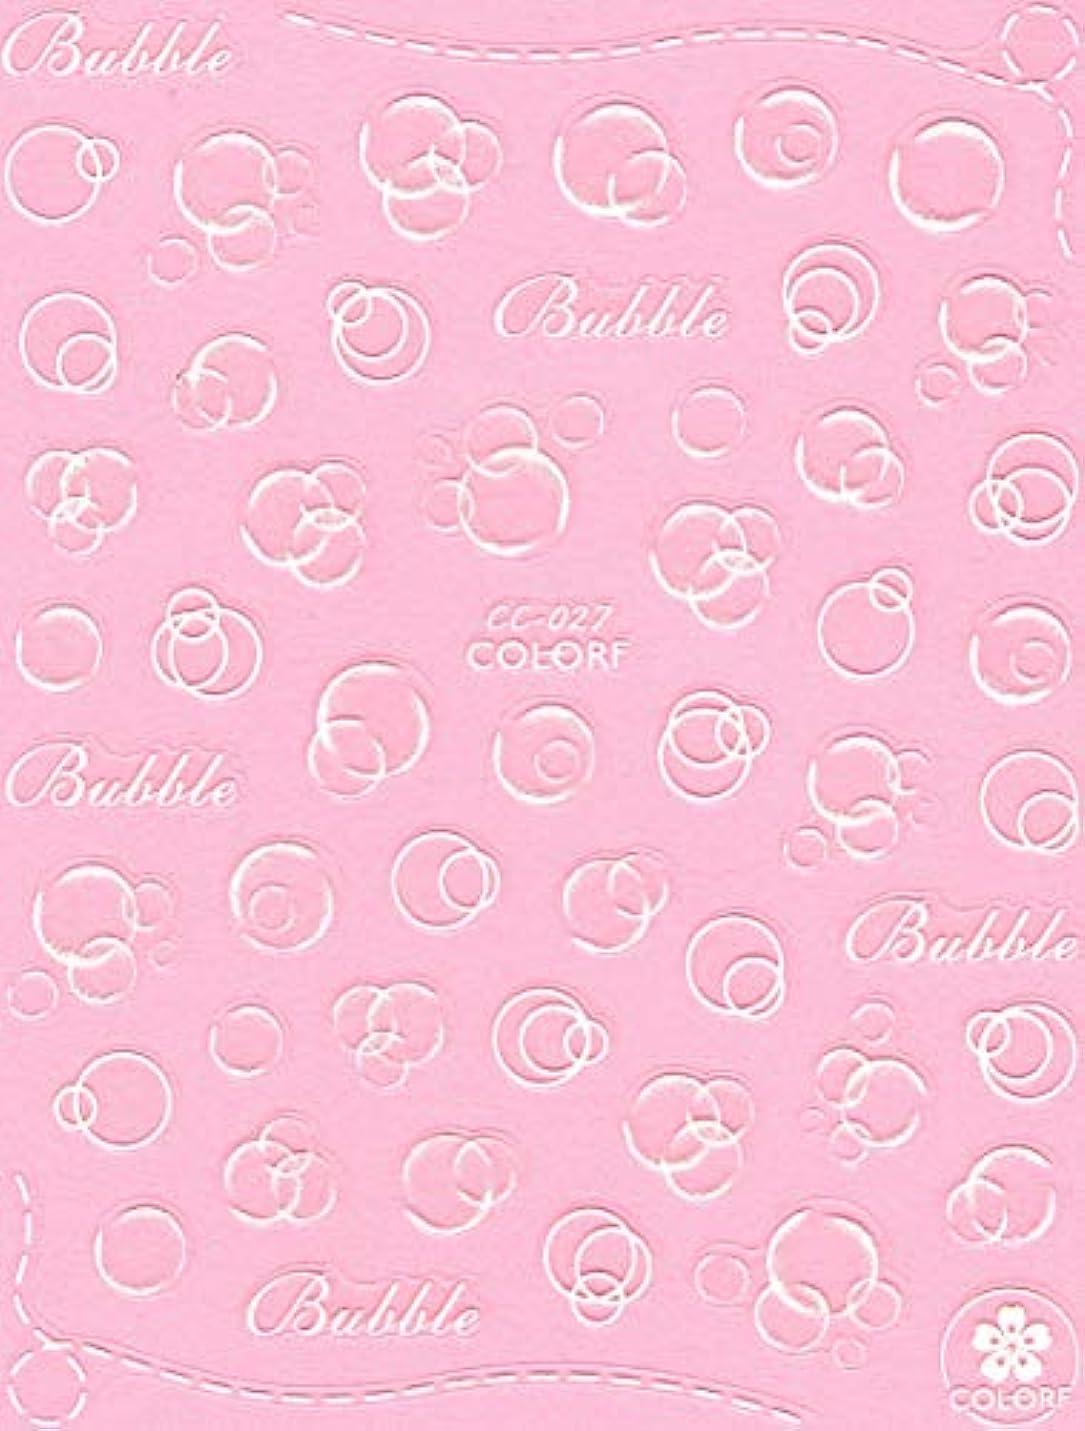 刺激する簡単に駐地極薄 ネイルシール 水玉 バブル デコやレジン、アルバム制作などに (01-C105)